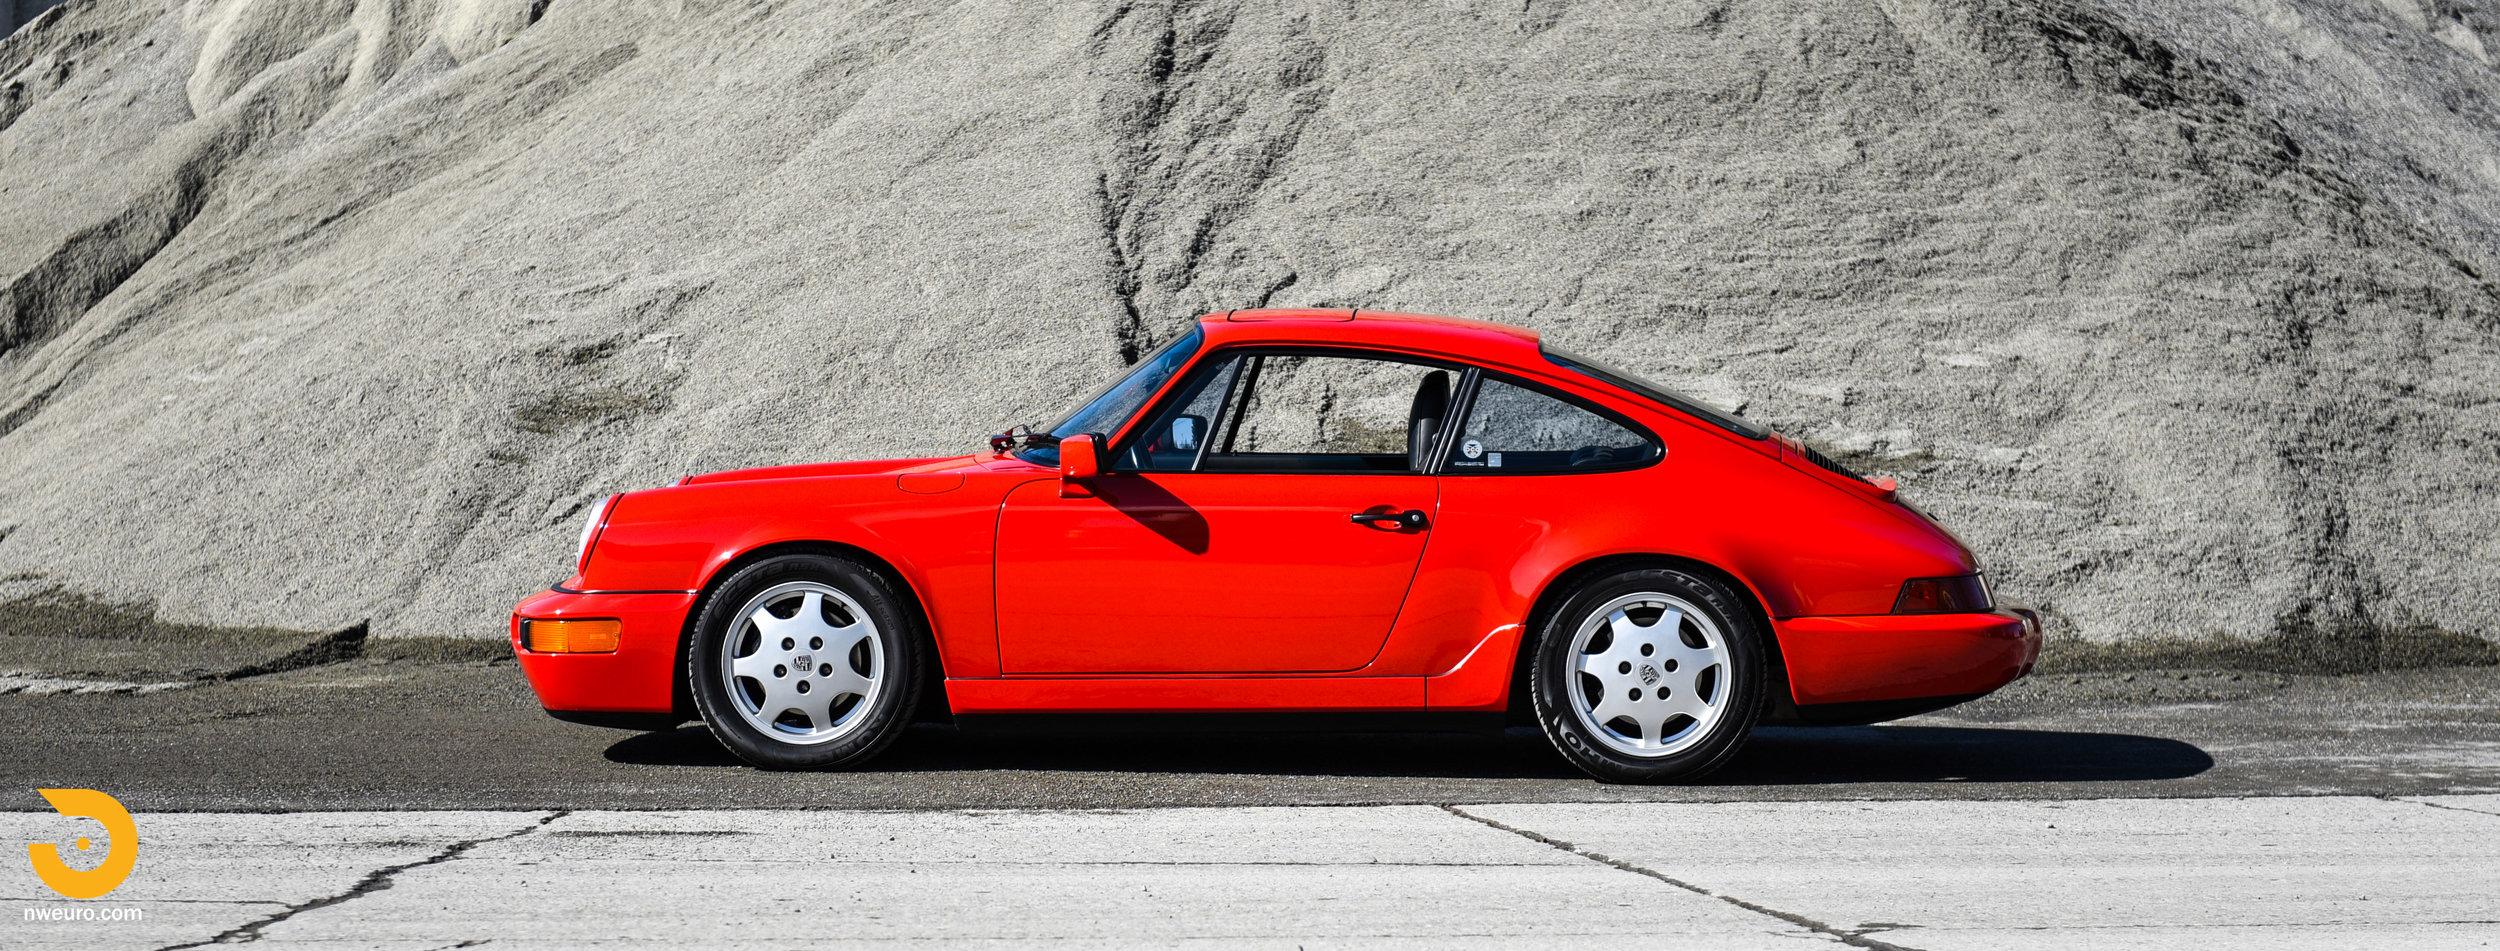 1990 Porsche 964 C2 Coupe-57.jpg